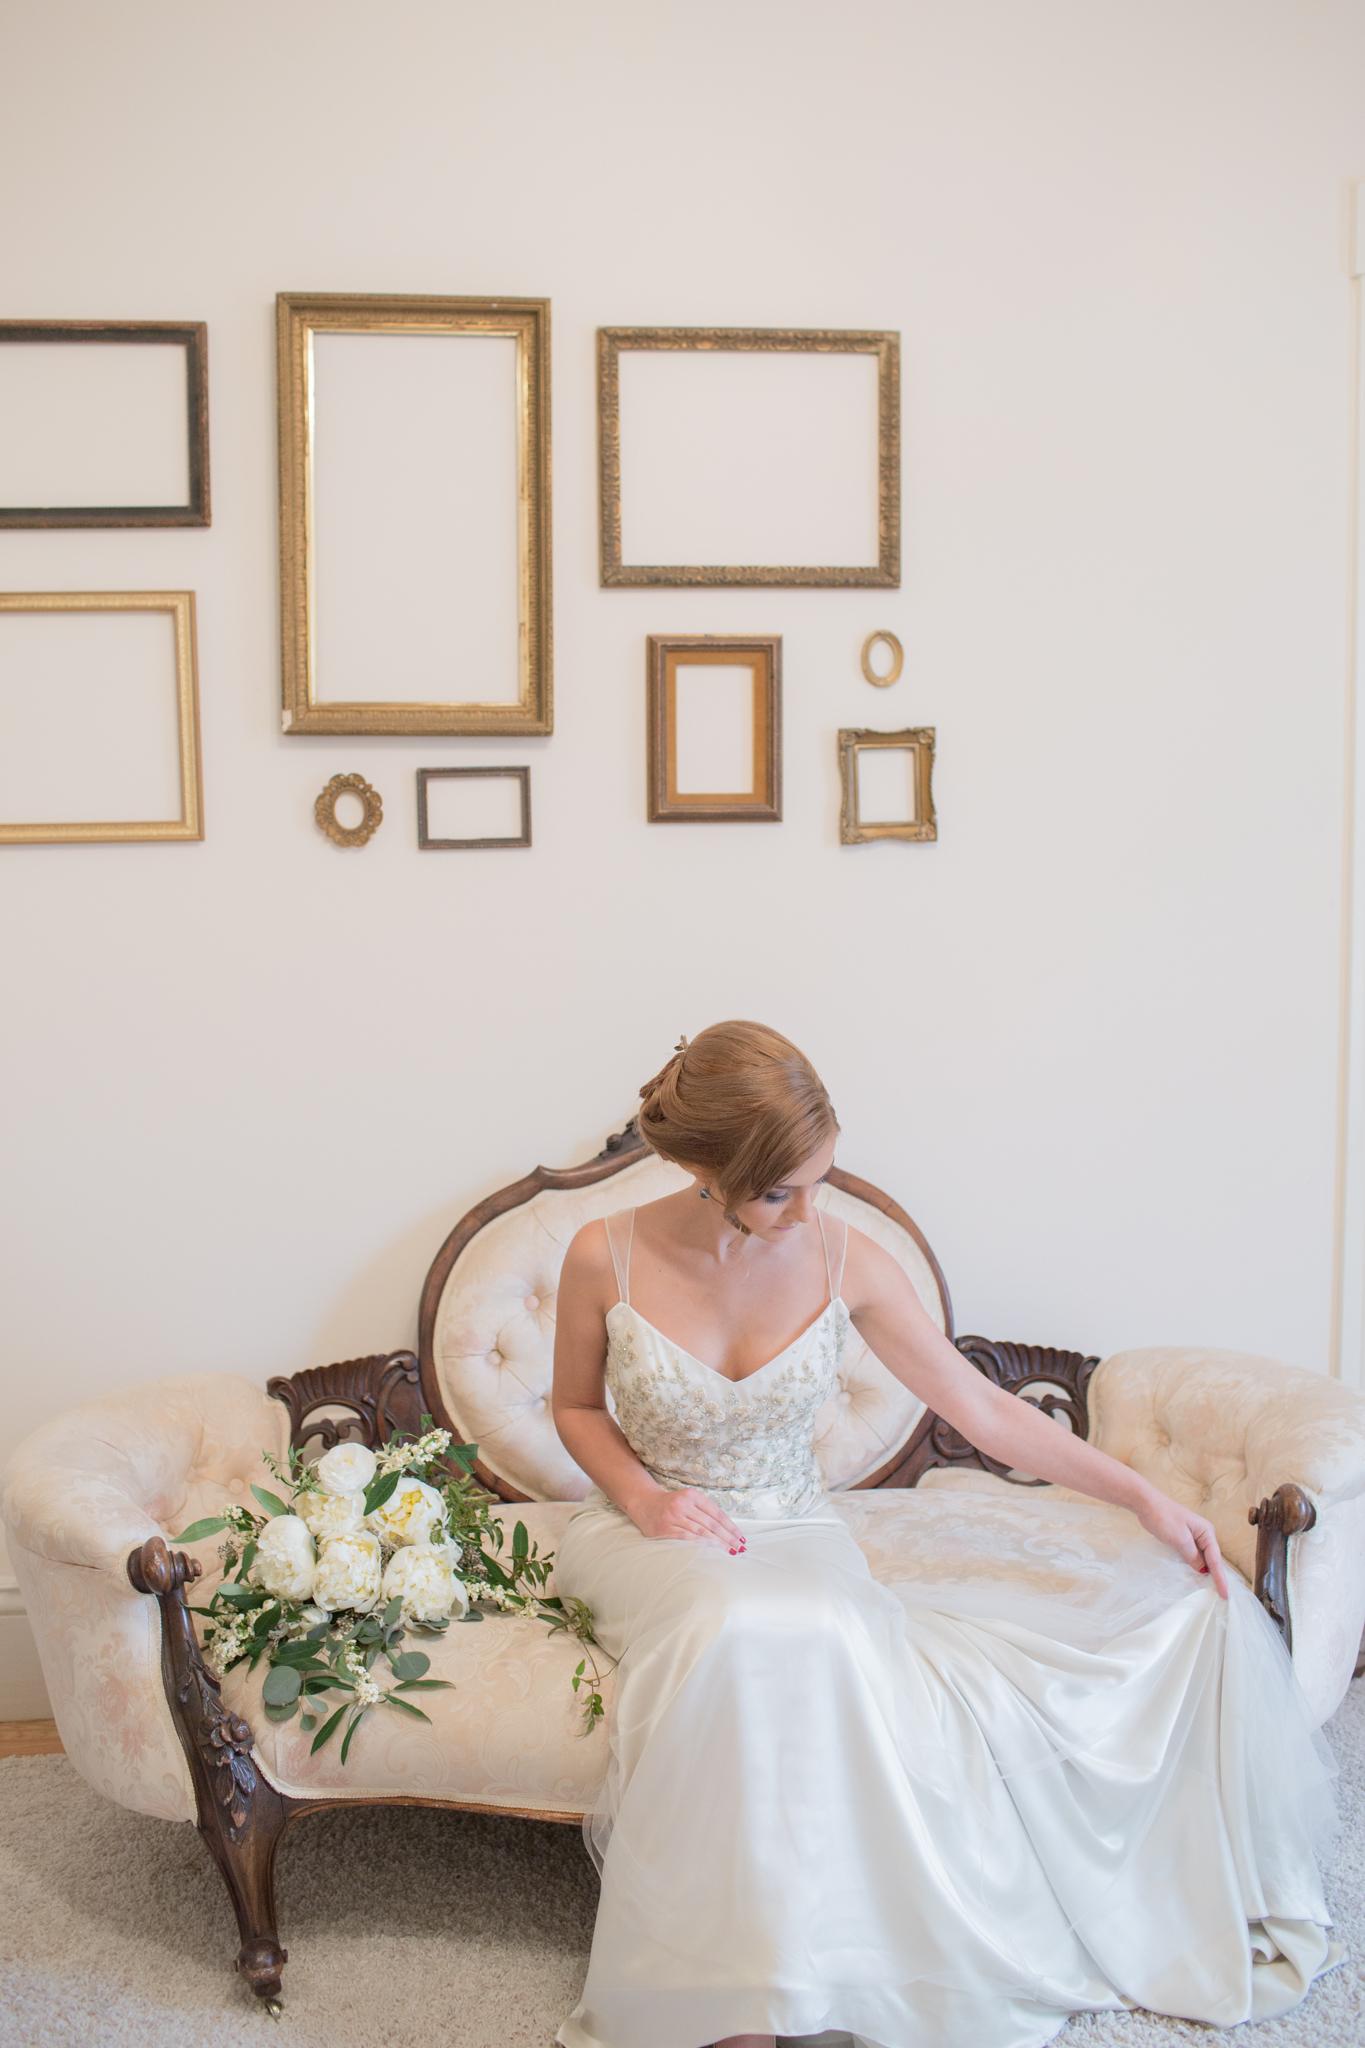 bridal quite photo by retrospect images